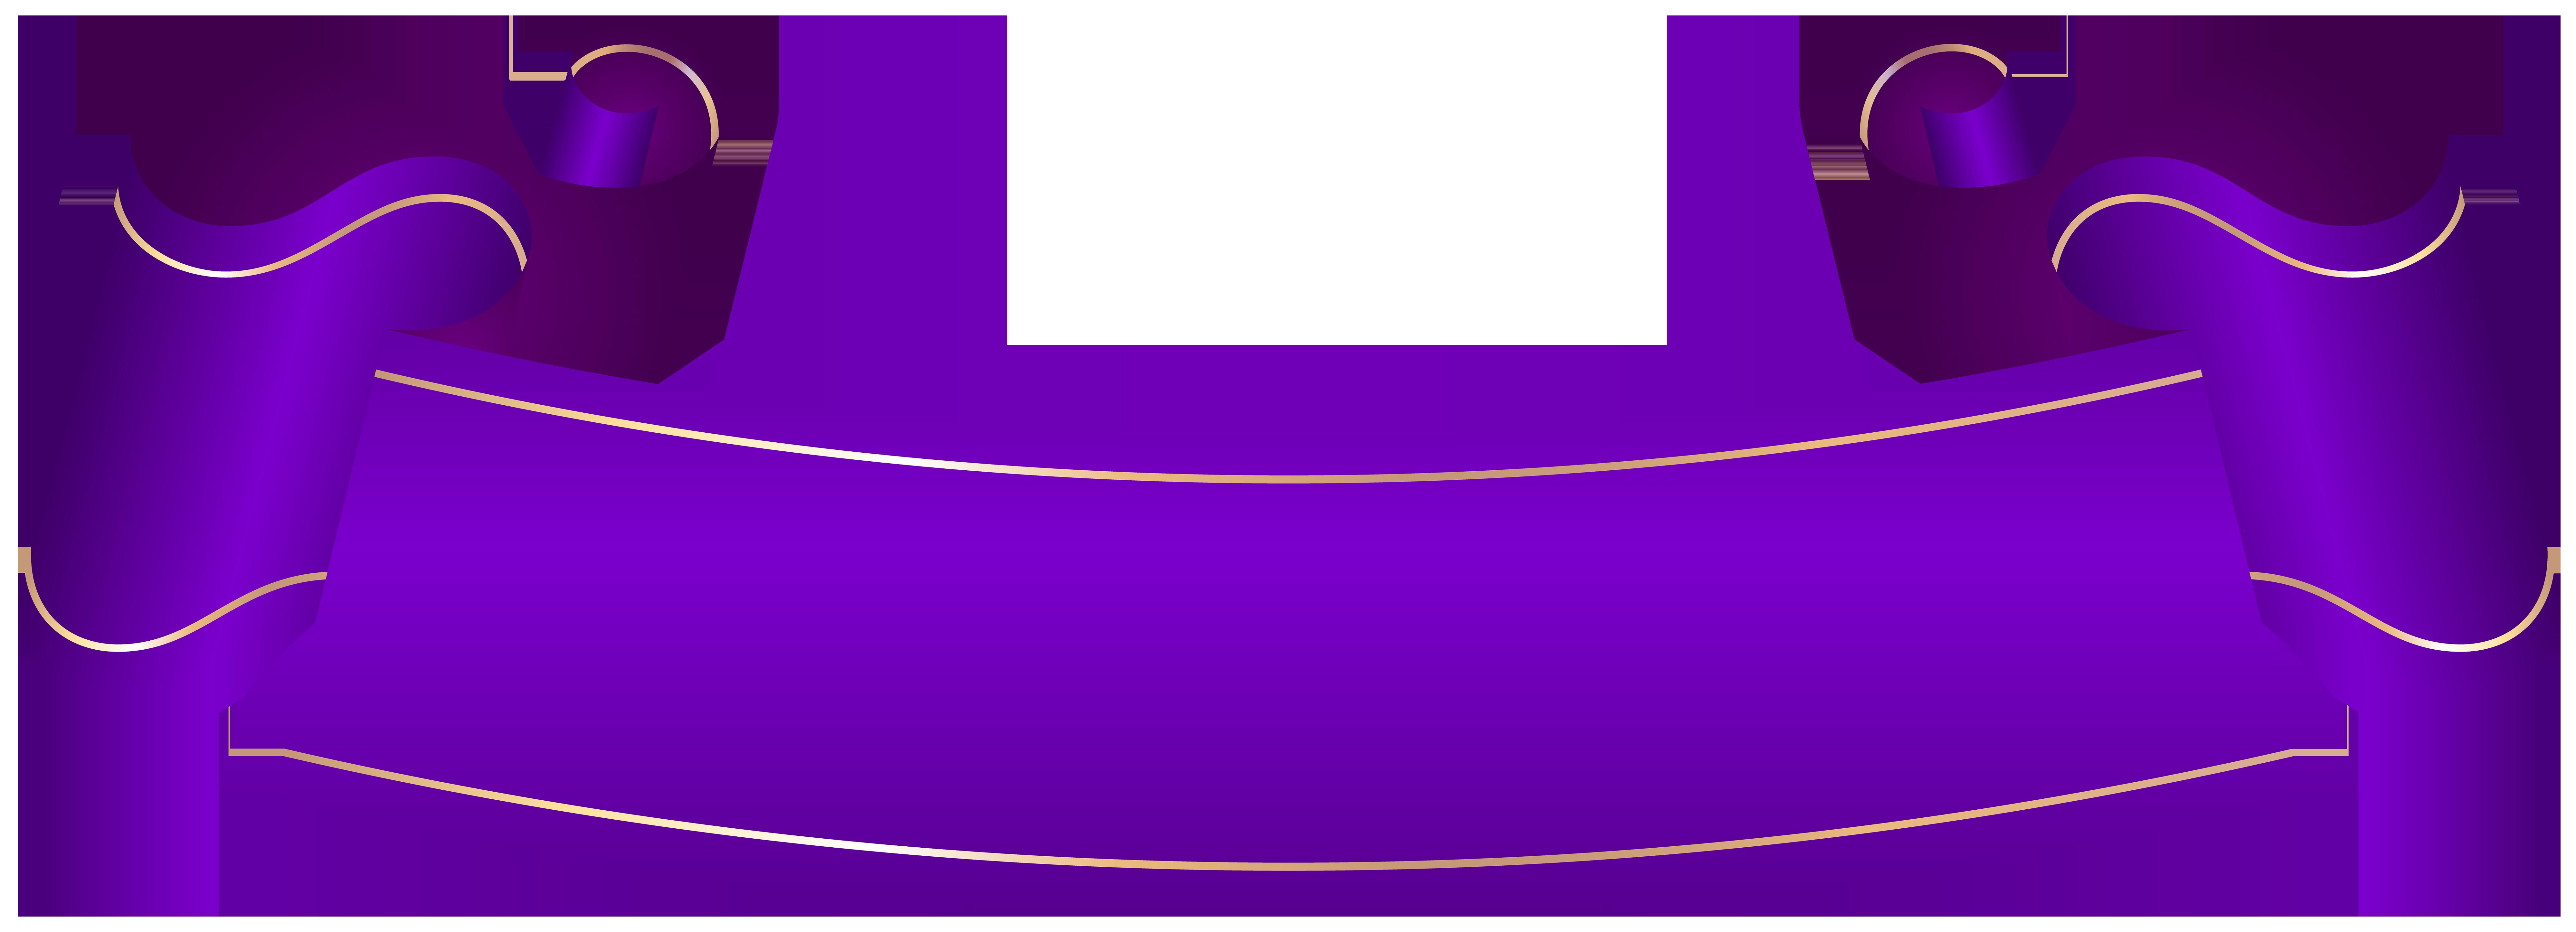 Purple Banner Transparent Clip Art.